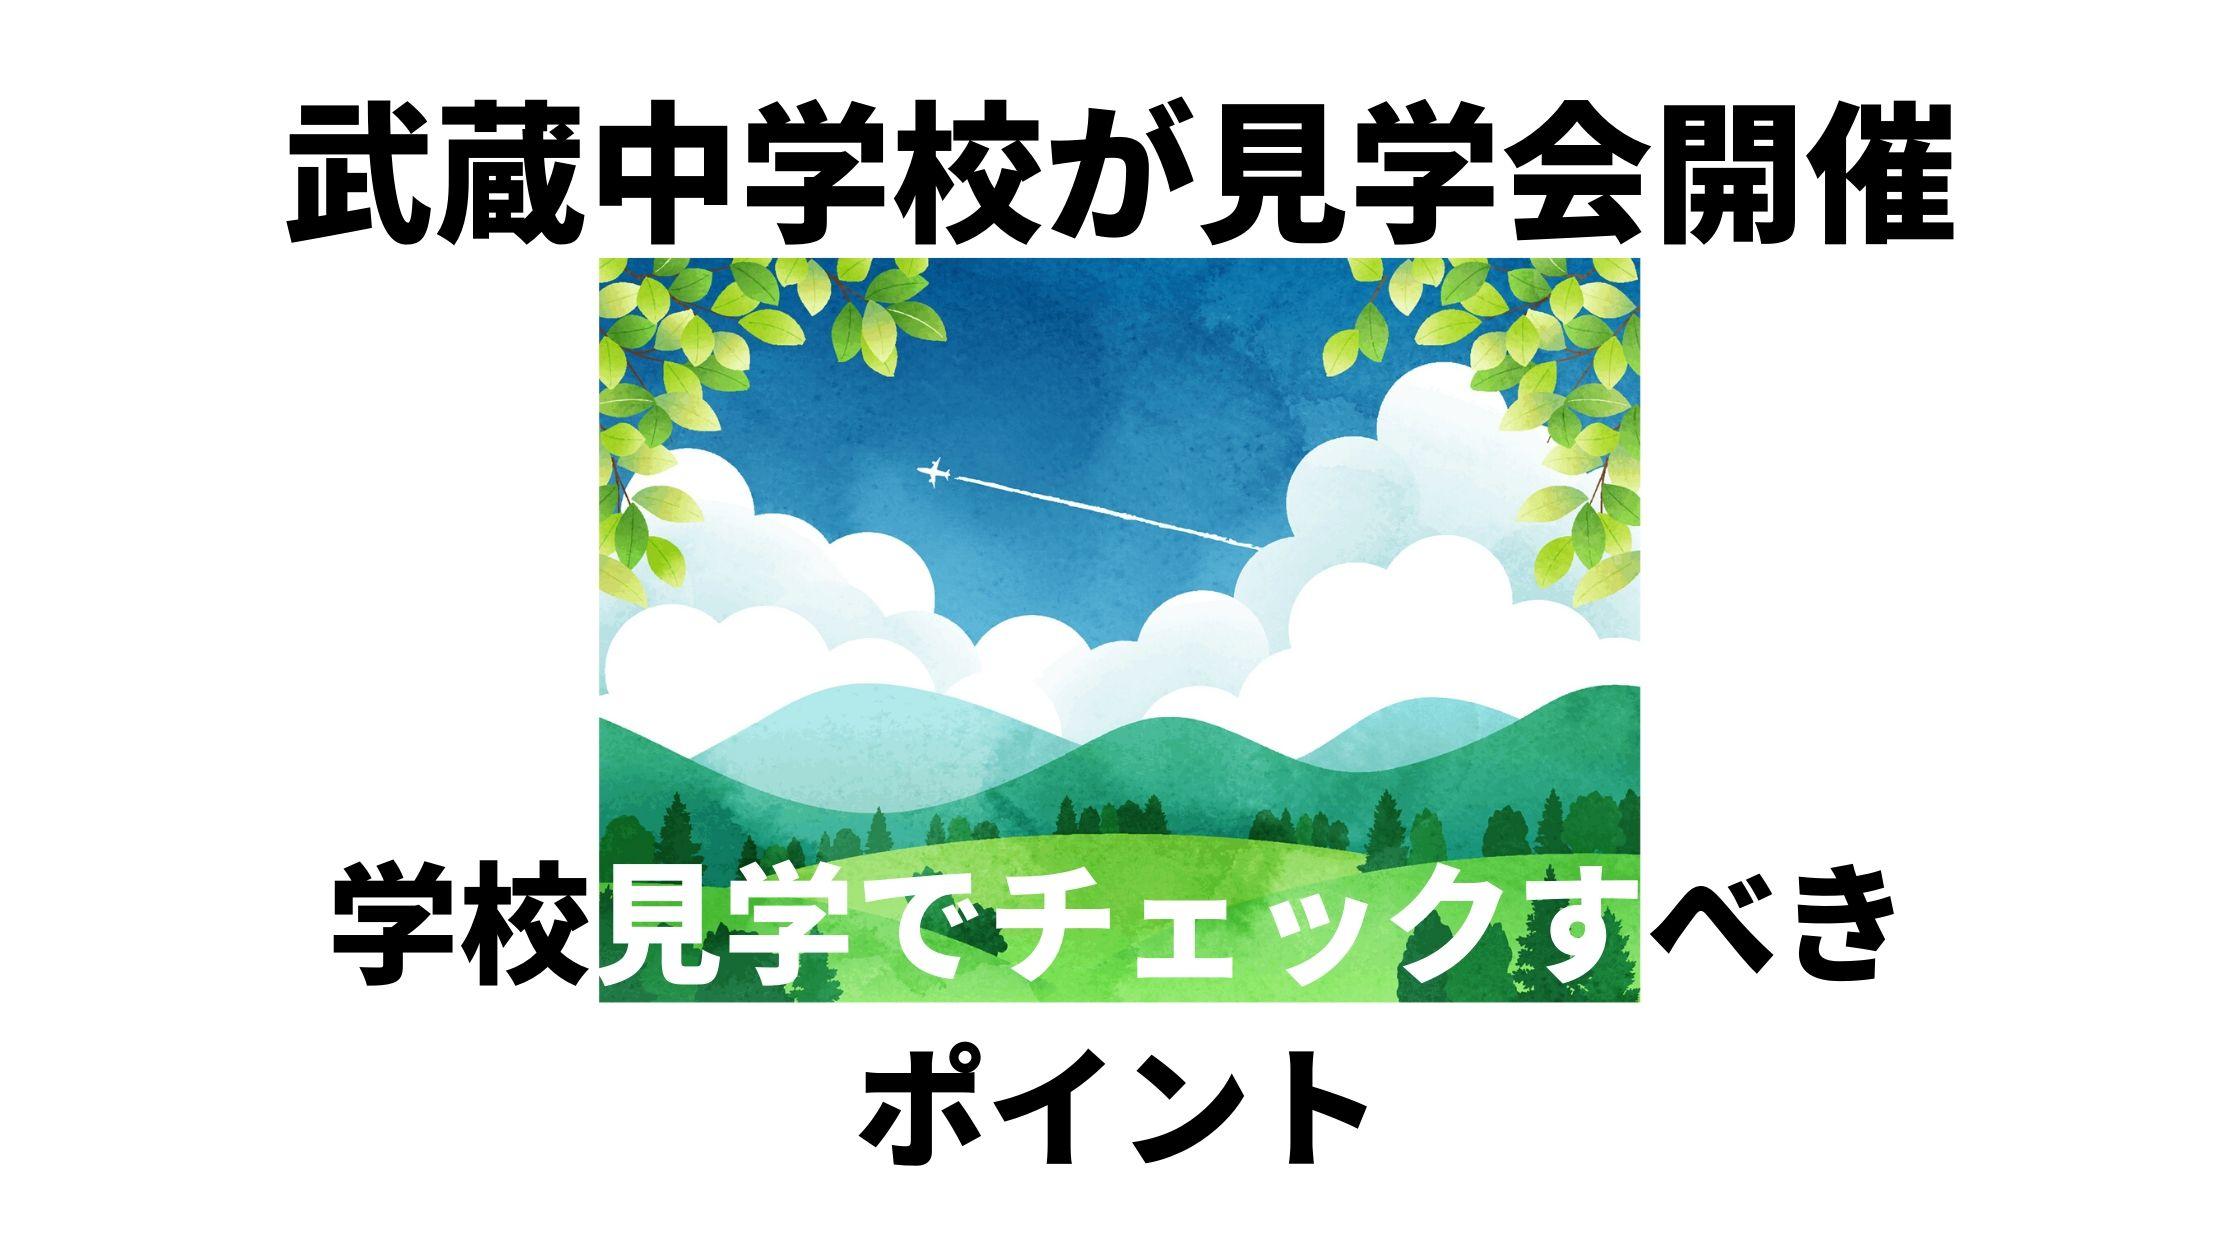 武蔵中見学会